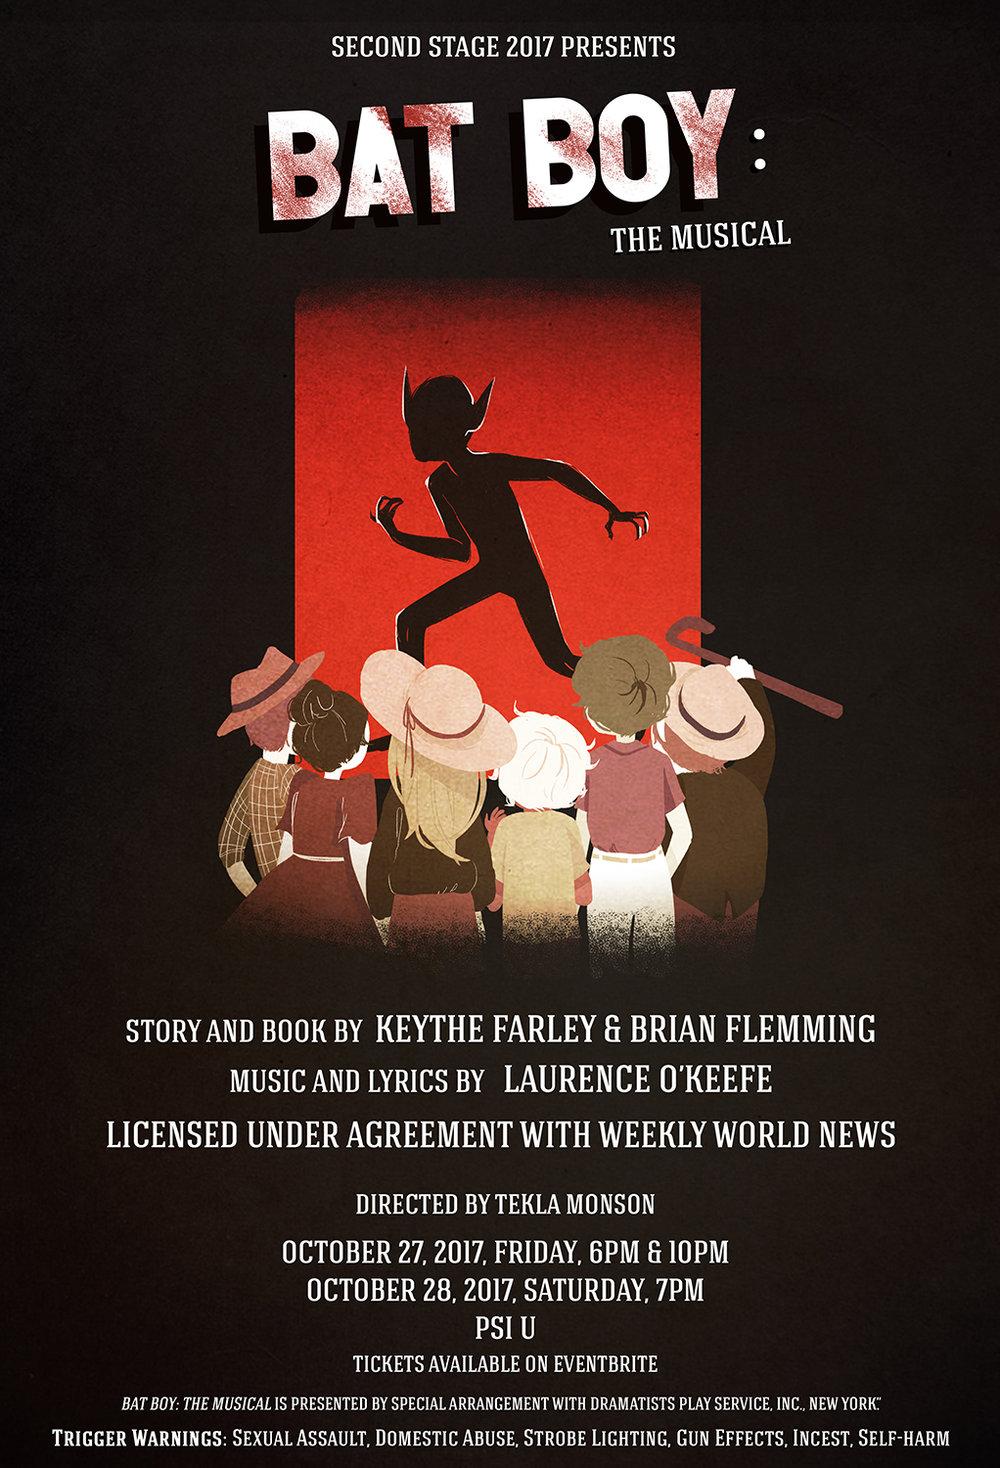 2ndStage-BatBoy-Poster.jpg